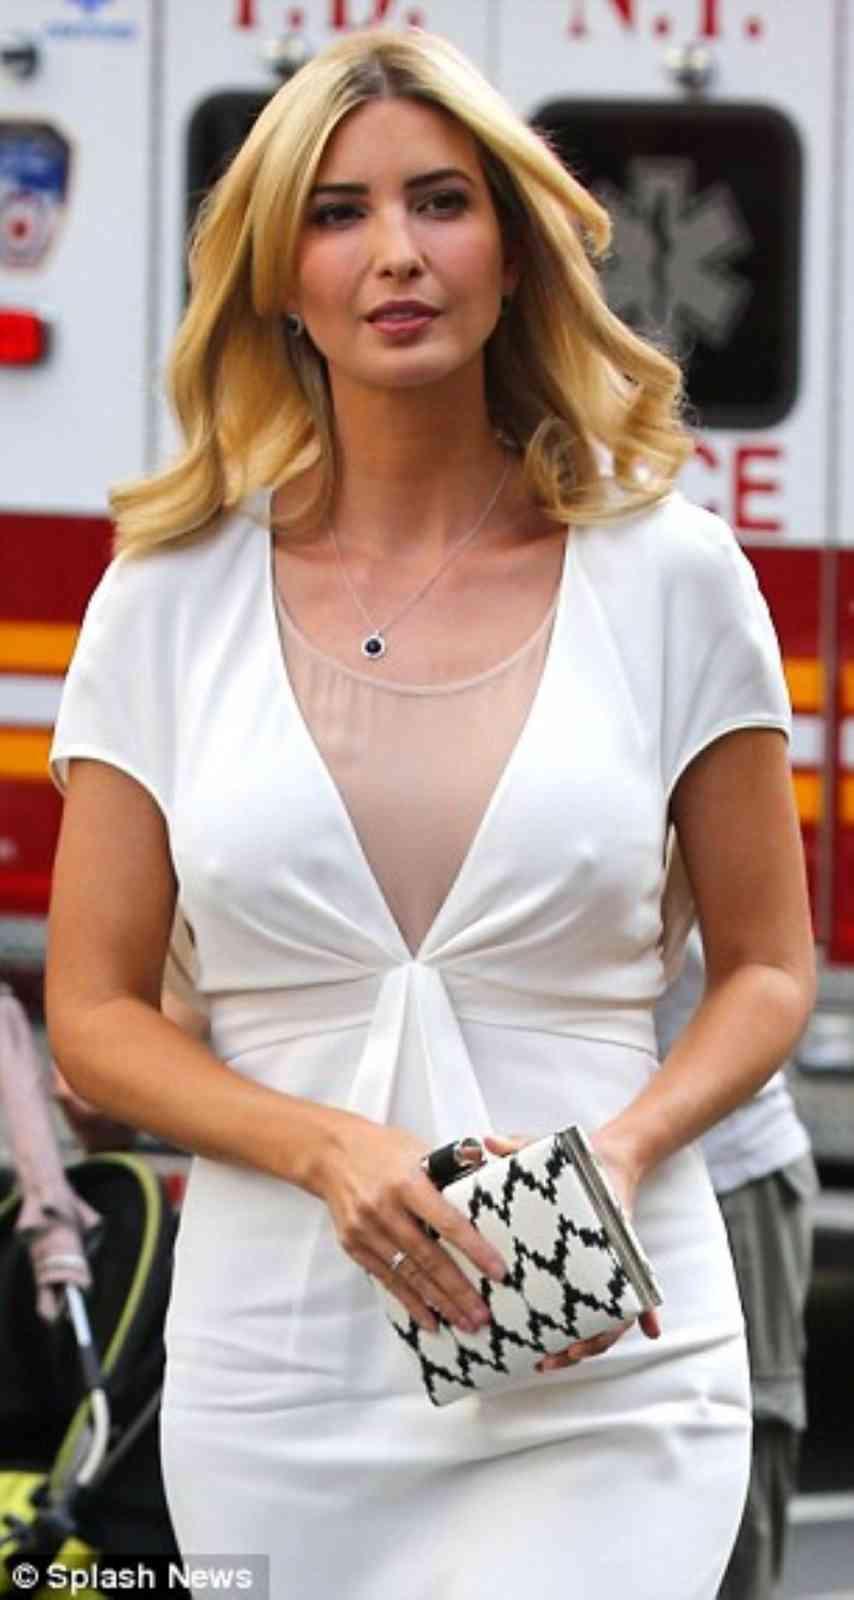 トランプの娘(イヴァンカ・マリー・トランプ)の乳首をご覧くださいwwwwwwww(画像あり)・11枚目